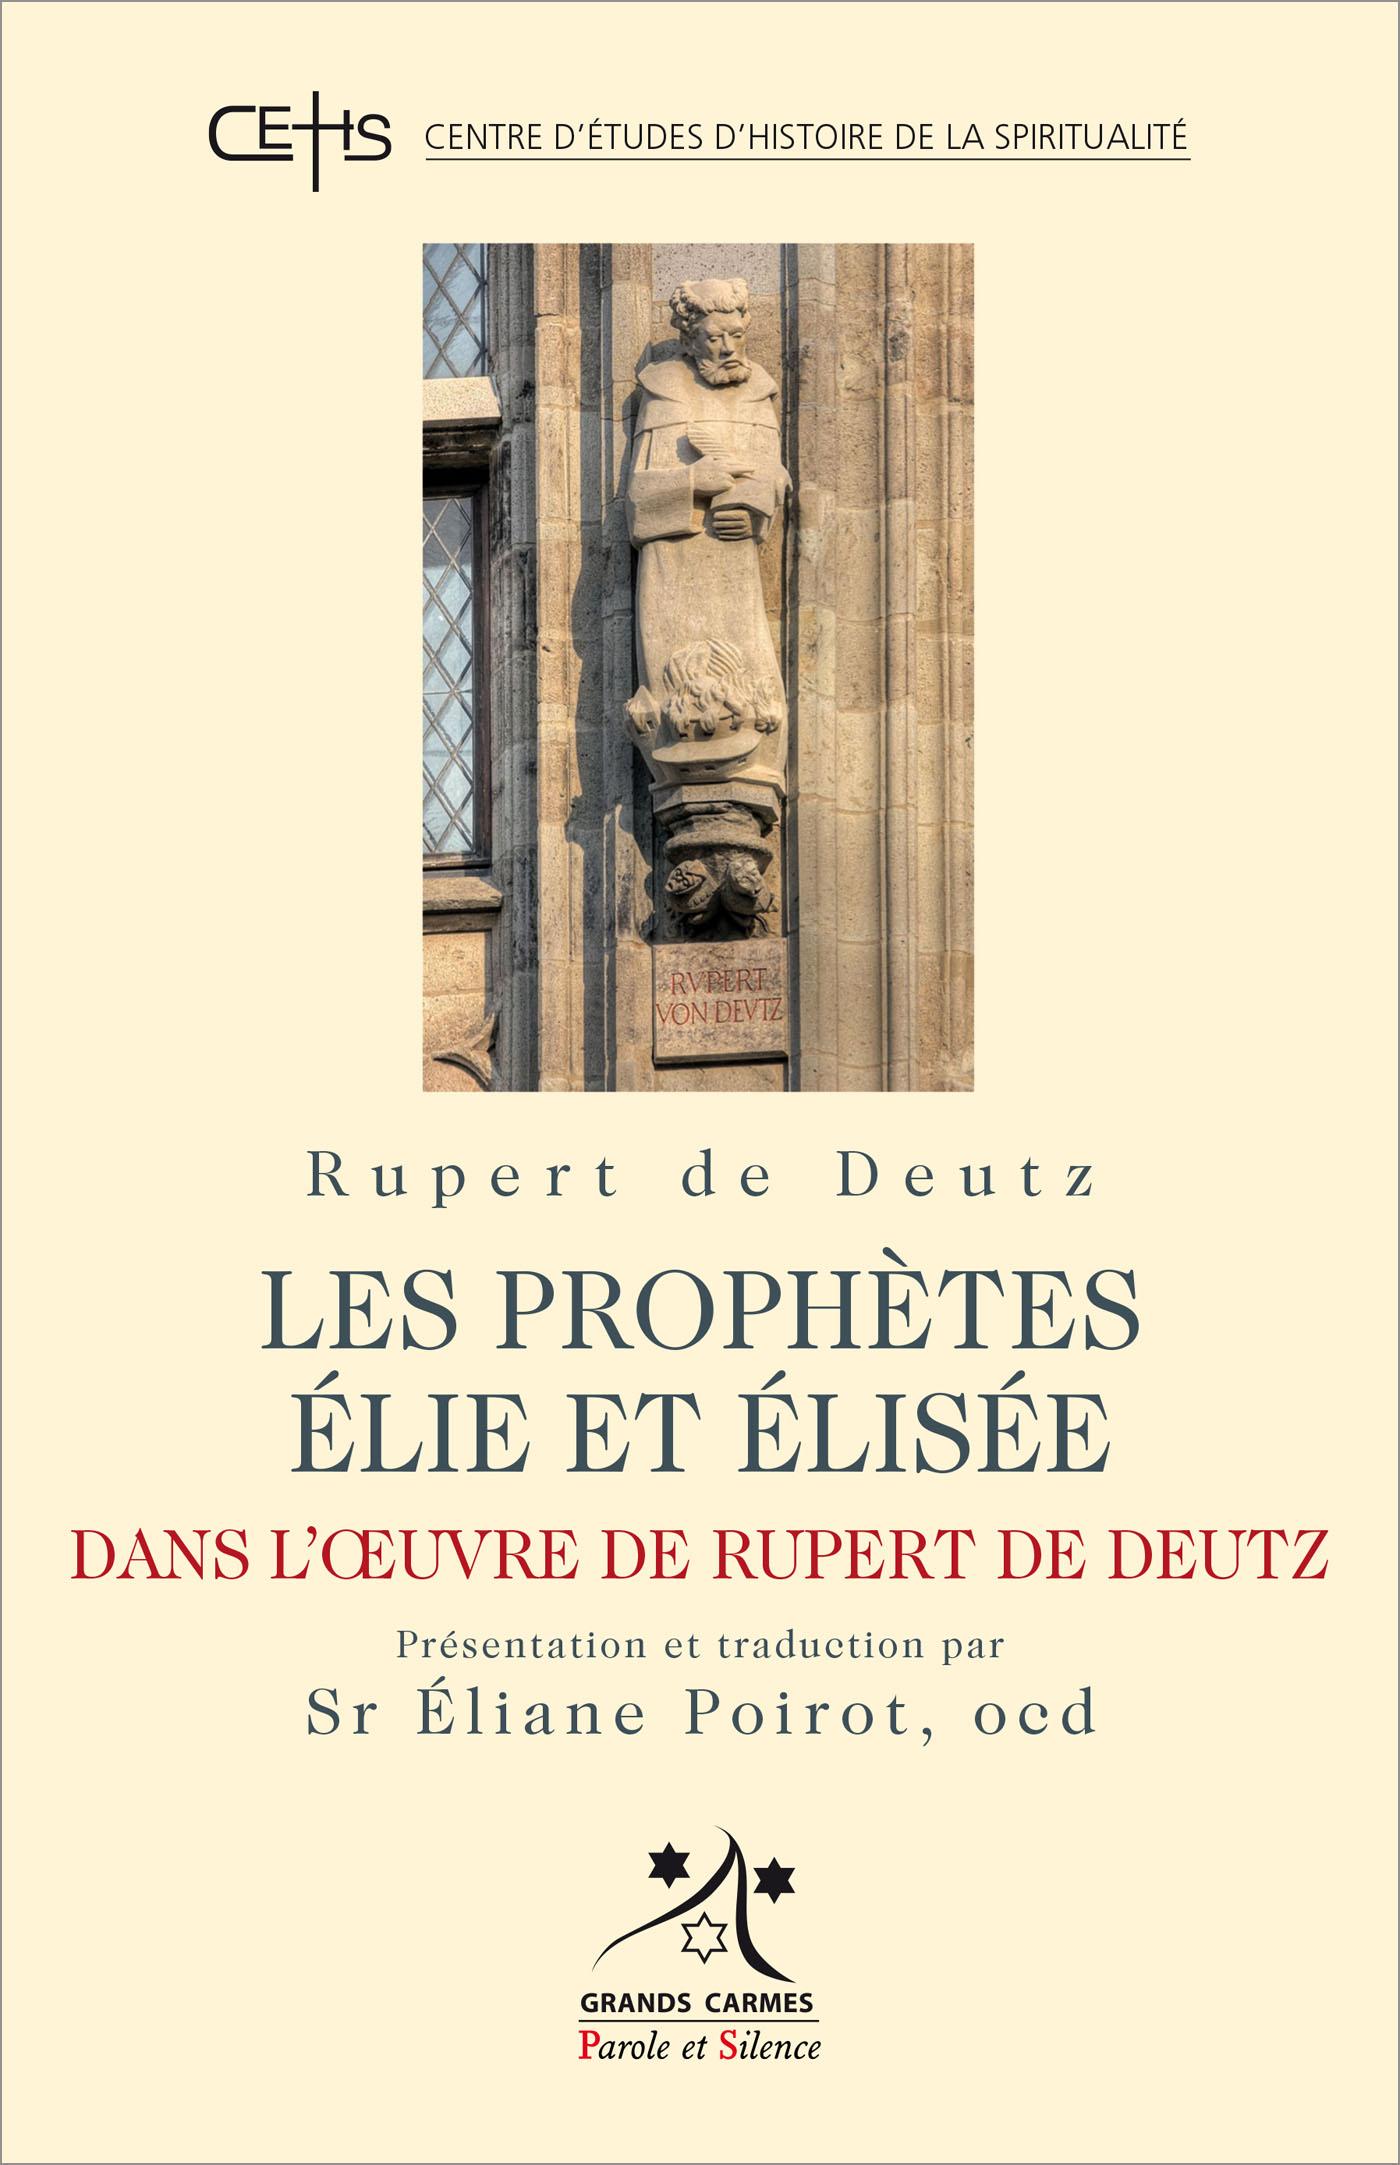 Les prophètes Elie et Elisée dans l'œuvre de Rupert De Deutz